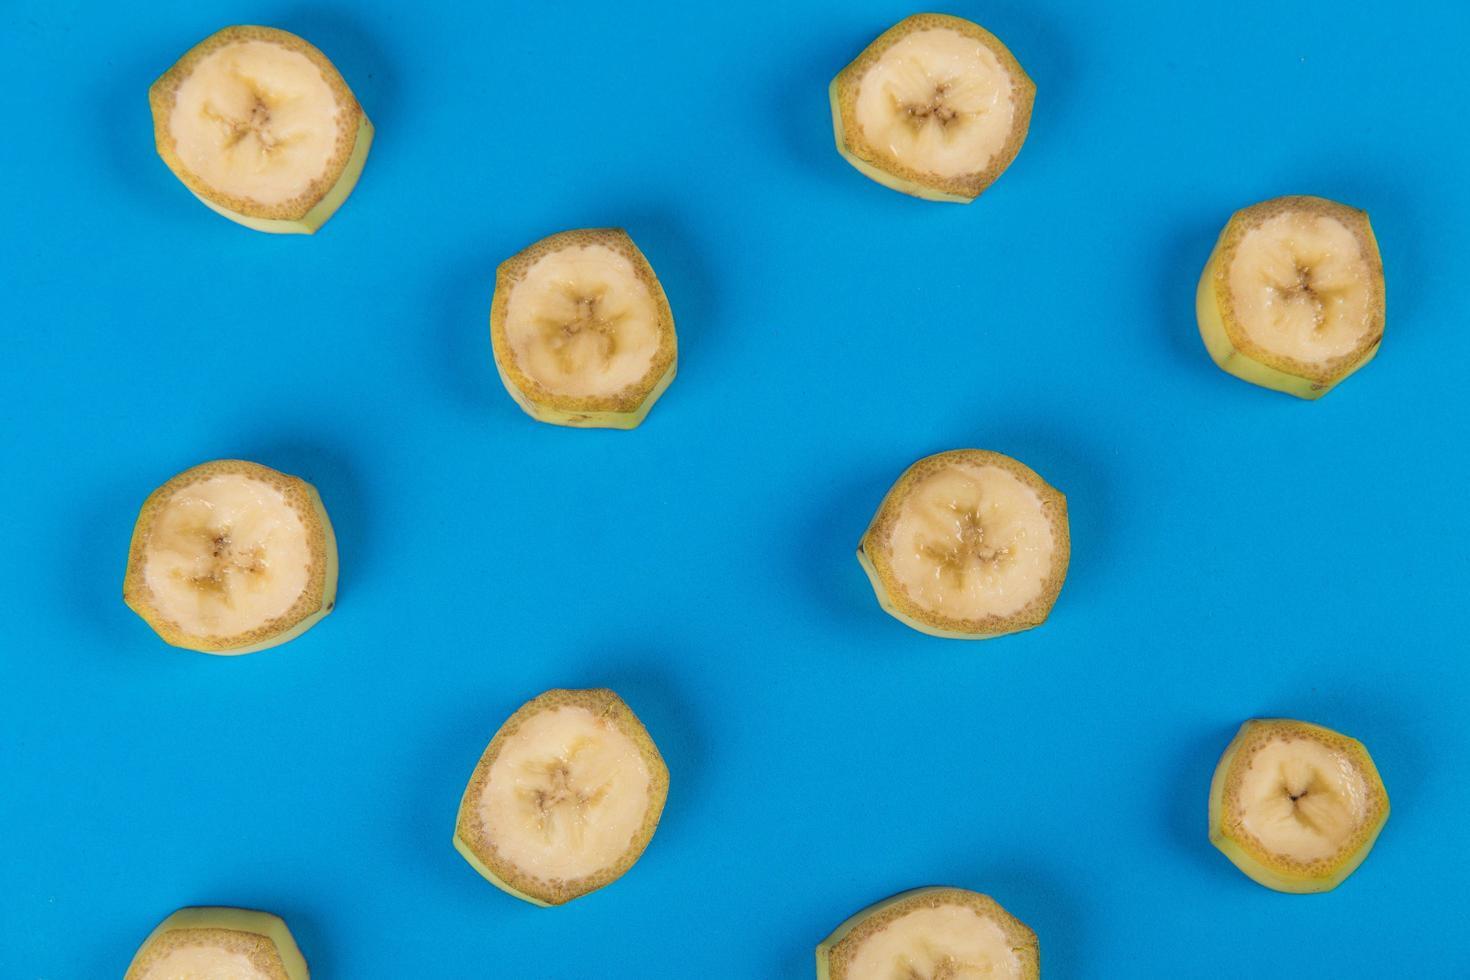 oskalade bananskivor på blå bakgrund foto